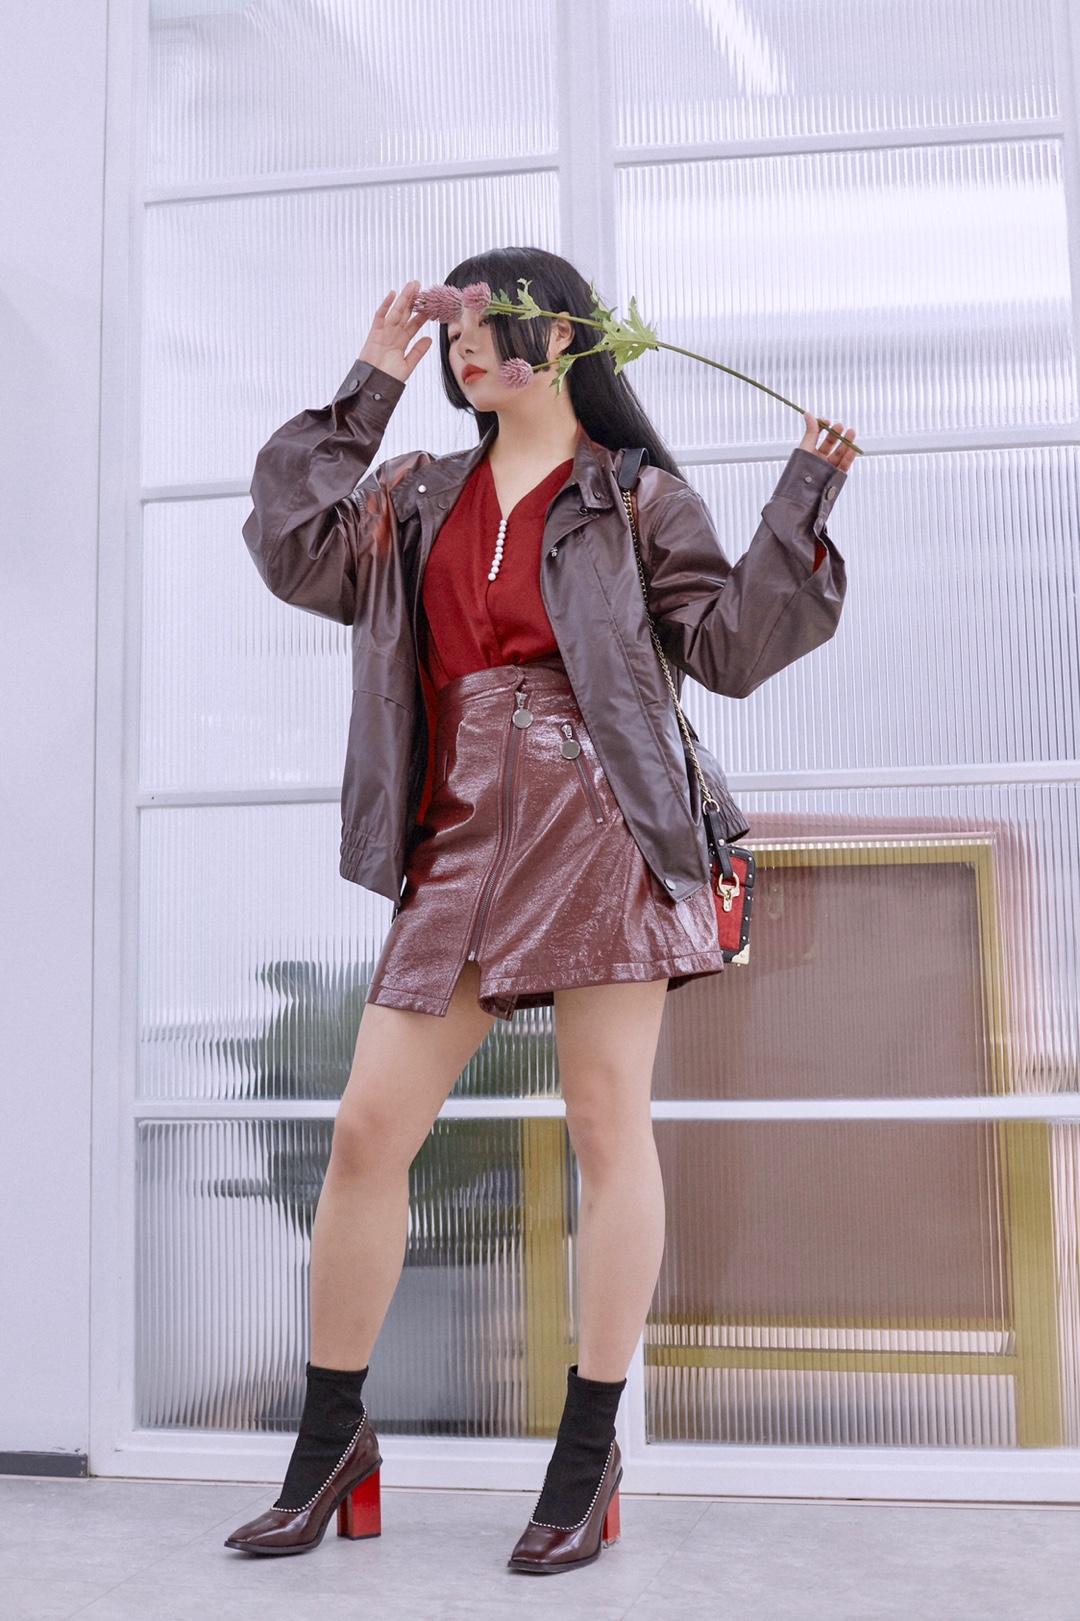 """这一身是微醺的红酒🍷girl  穿了一身深深浅浅的酒红 感觉可以原地被榨成红酒了 透着恰到好处的微醺感~ 🍷V领的衬衫是全身最亮的酒红色 珍珠排扣配上缎面质感 非常有高级感 和深酒红的皮质短裙非常衬 🍷还有这个更深的酒红外套 夹克的版型  面料轻薄且奇特 具有温感变色功能 气温升高颜色会逐渐变浅 可以看到我穿起来在肩膀和手臂的位置 因为温度比其他地方高有斑驳色块 太酷了吧这个设计! —————— 衬衫:JOJOZ 外套:硅基生物 短裙:SAKKAS #我在初春""""裙裙""""欲动#"""